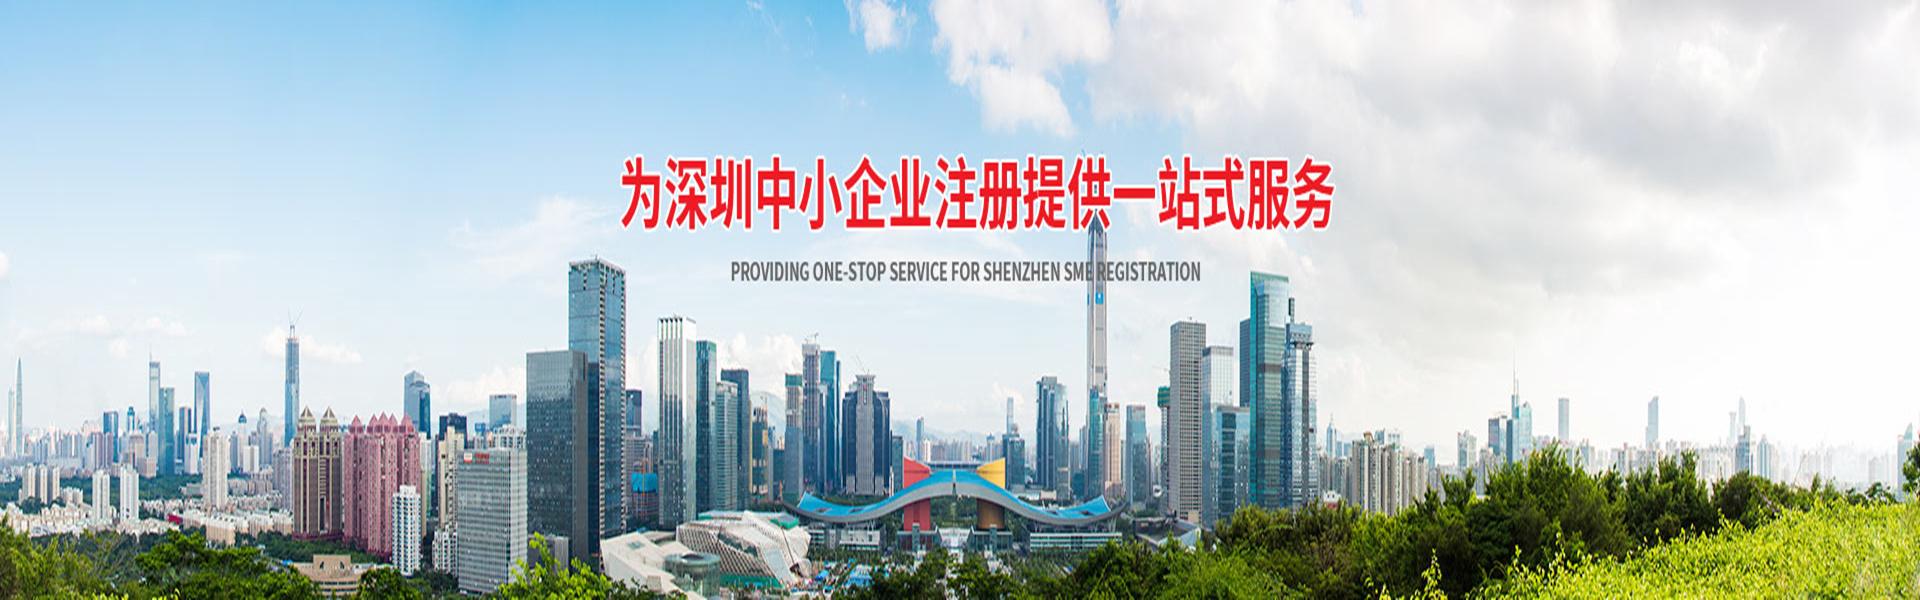 佰汇康-为深圳中小企业注册提供一站式服务